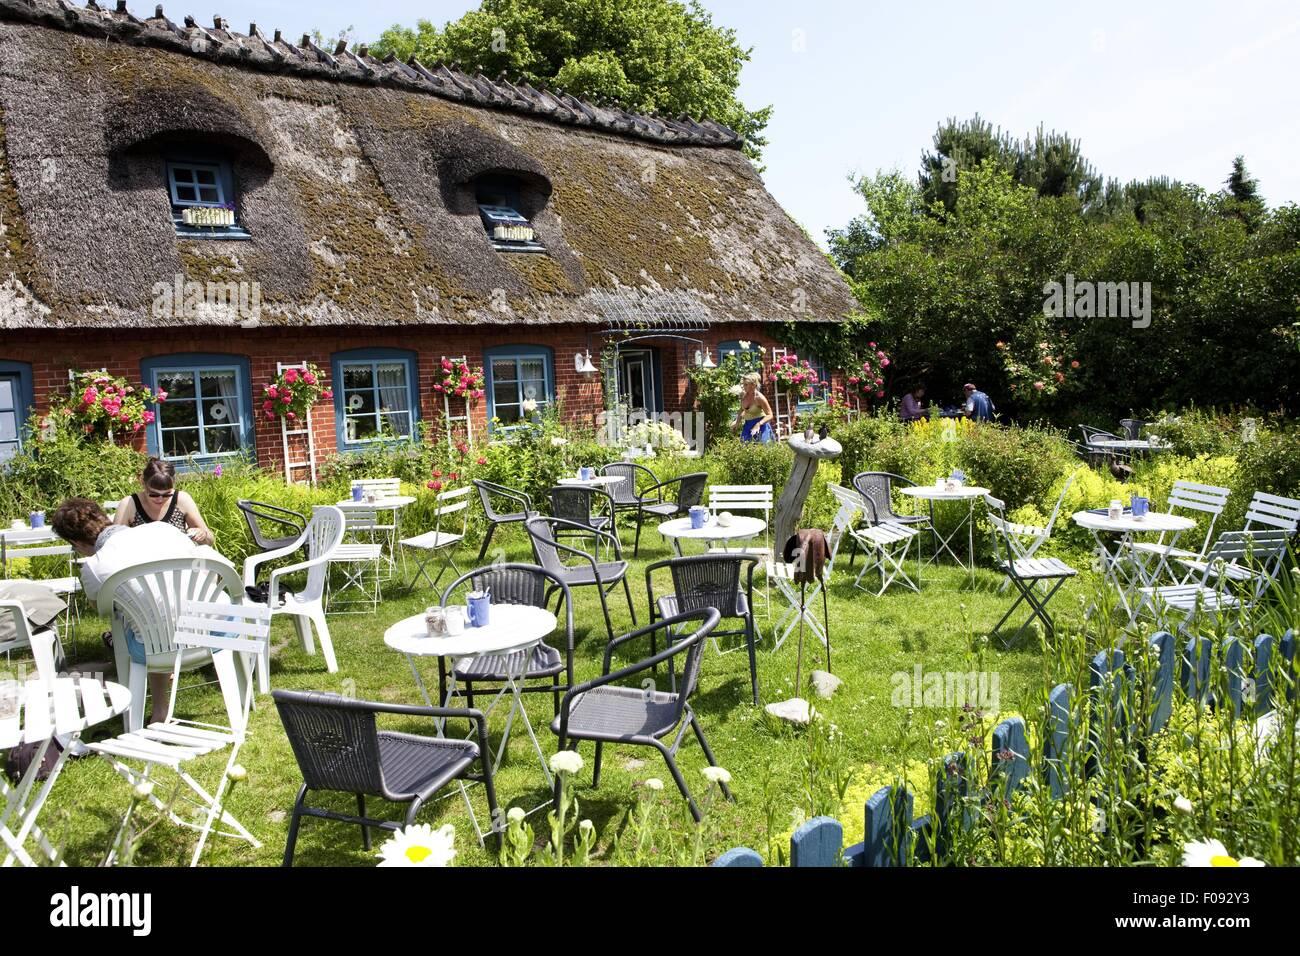 cafe atrium in geltinger birk schleswig holstein deutschland stockfoto bild 86251735 alamy. Black Bedroom Furniture Sets. Home Design Ideas